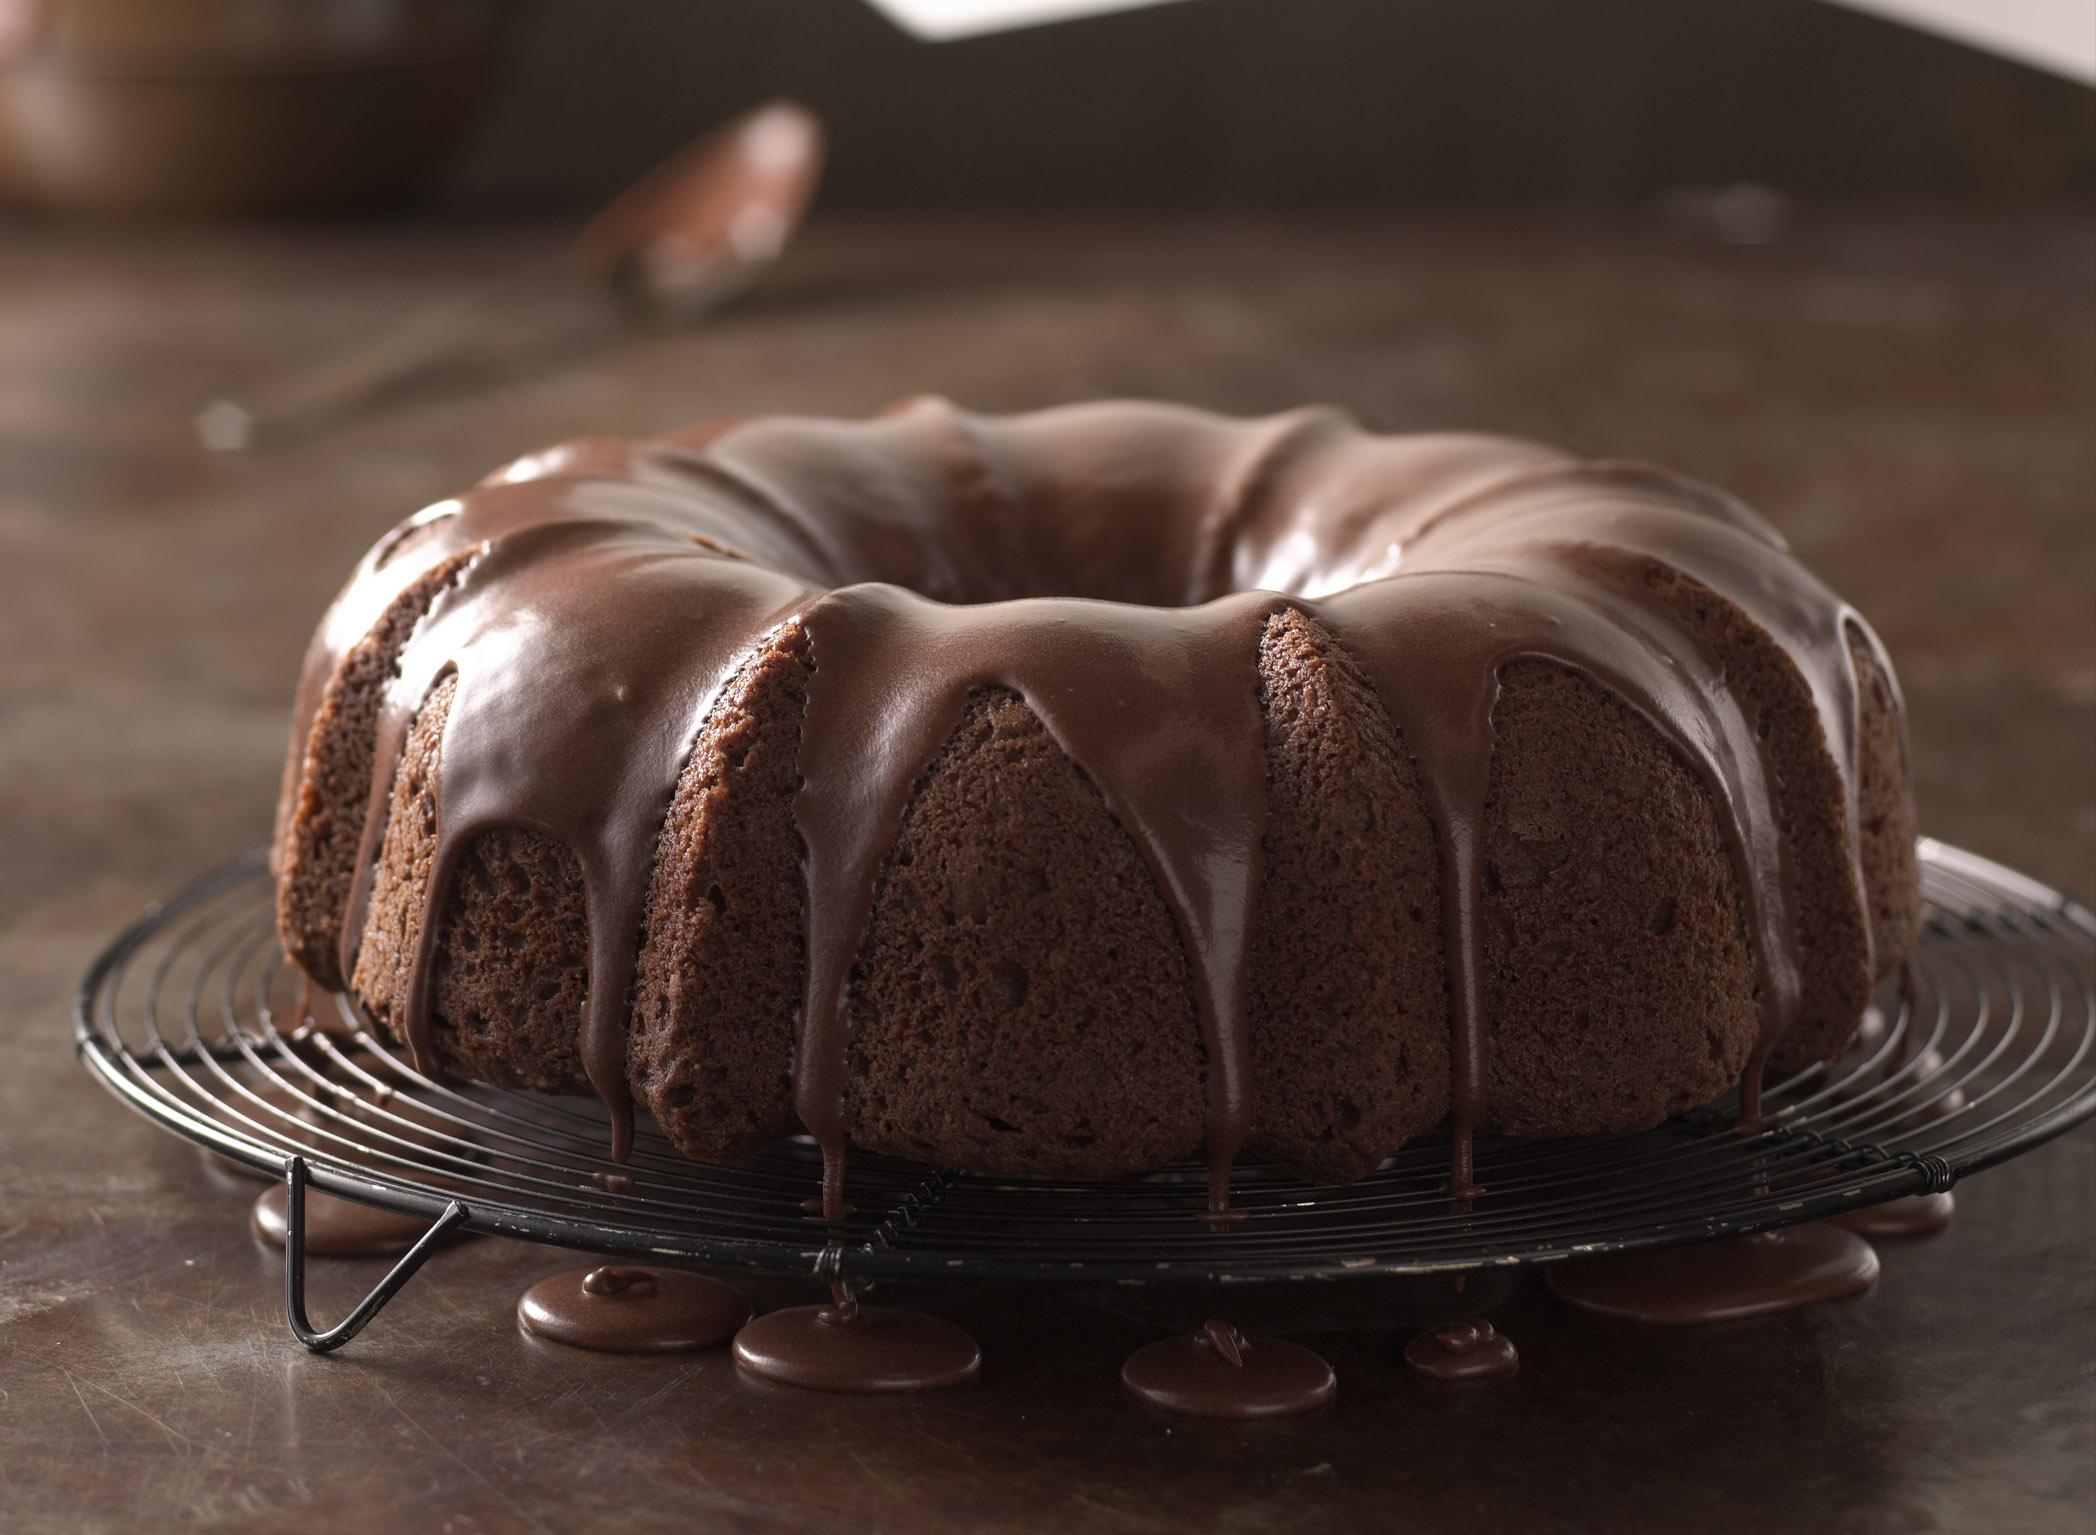 Bundt Cake Before 4 | Tony Kubat Photography